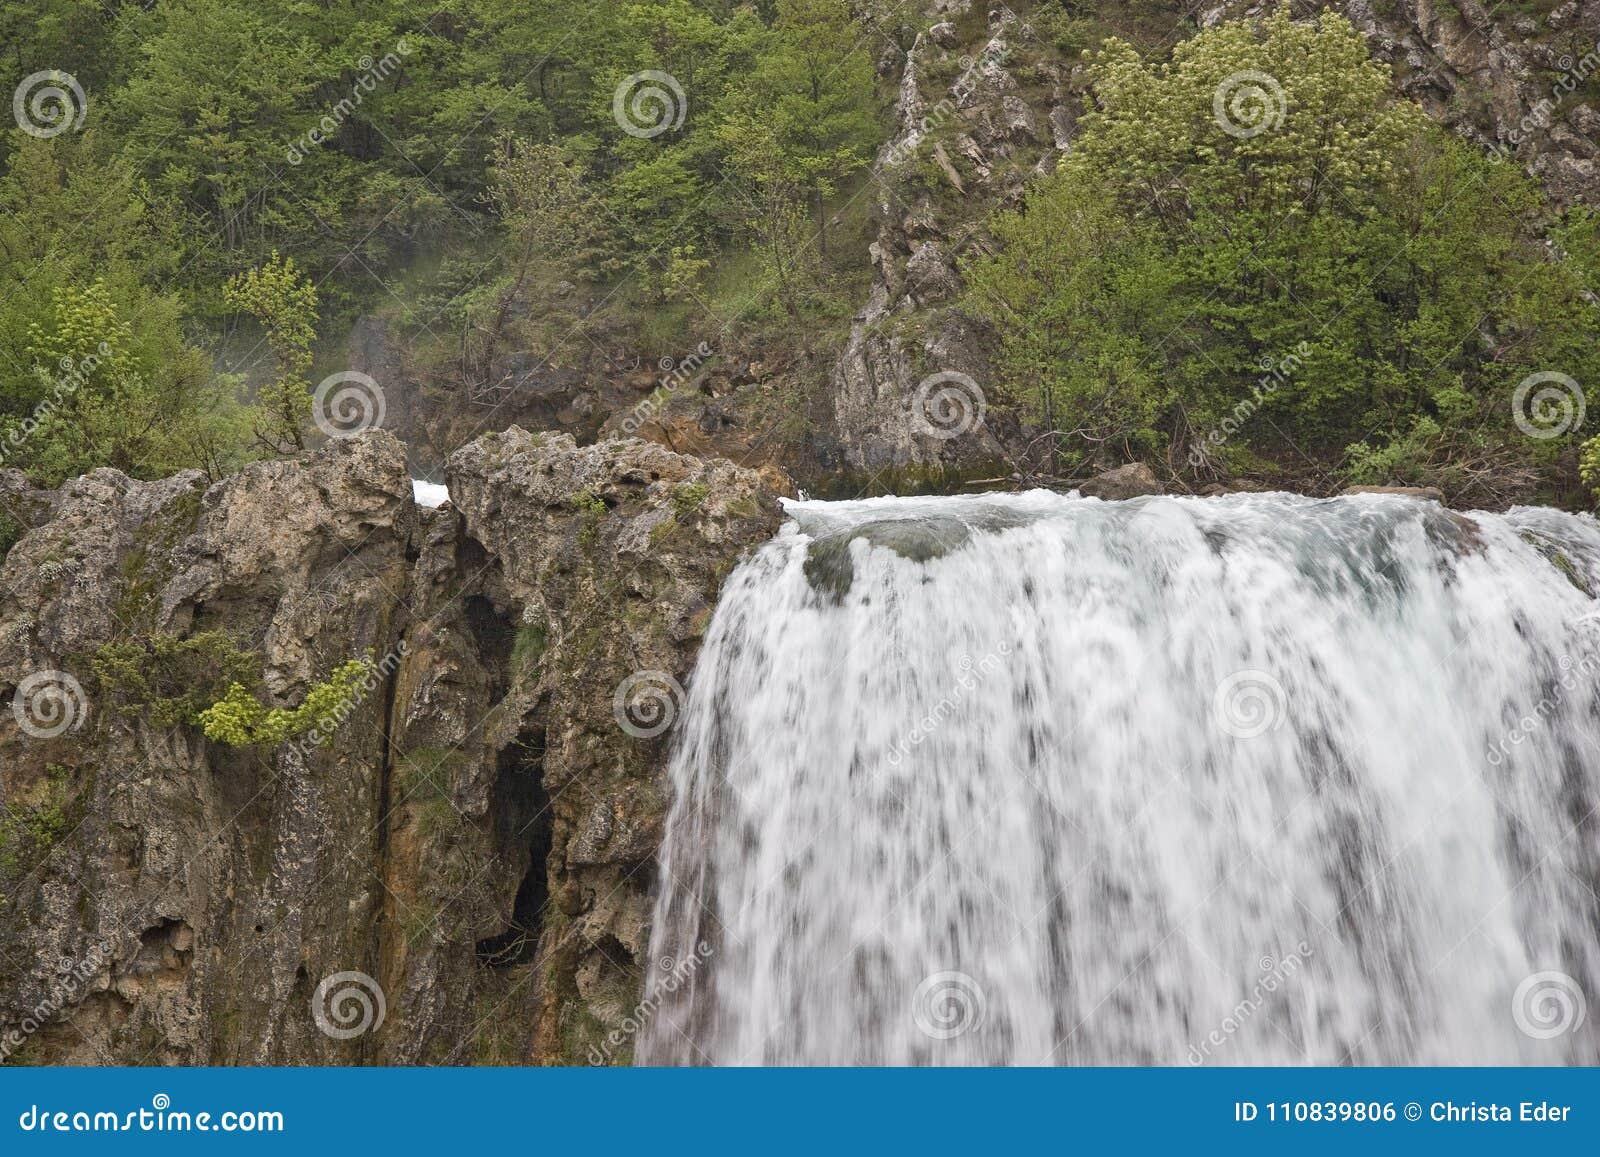 Trinkwasser kurz nach der Quelle